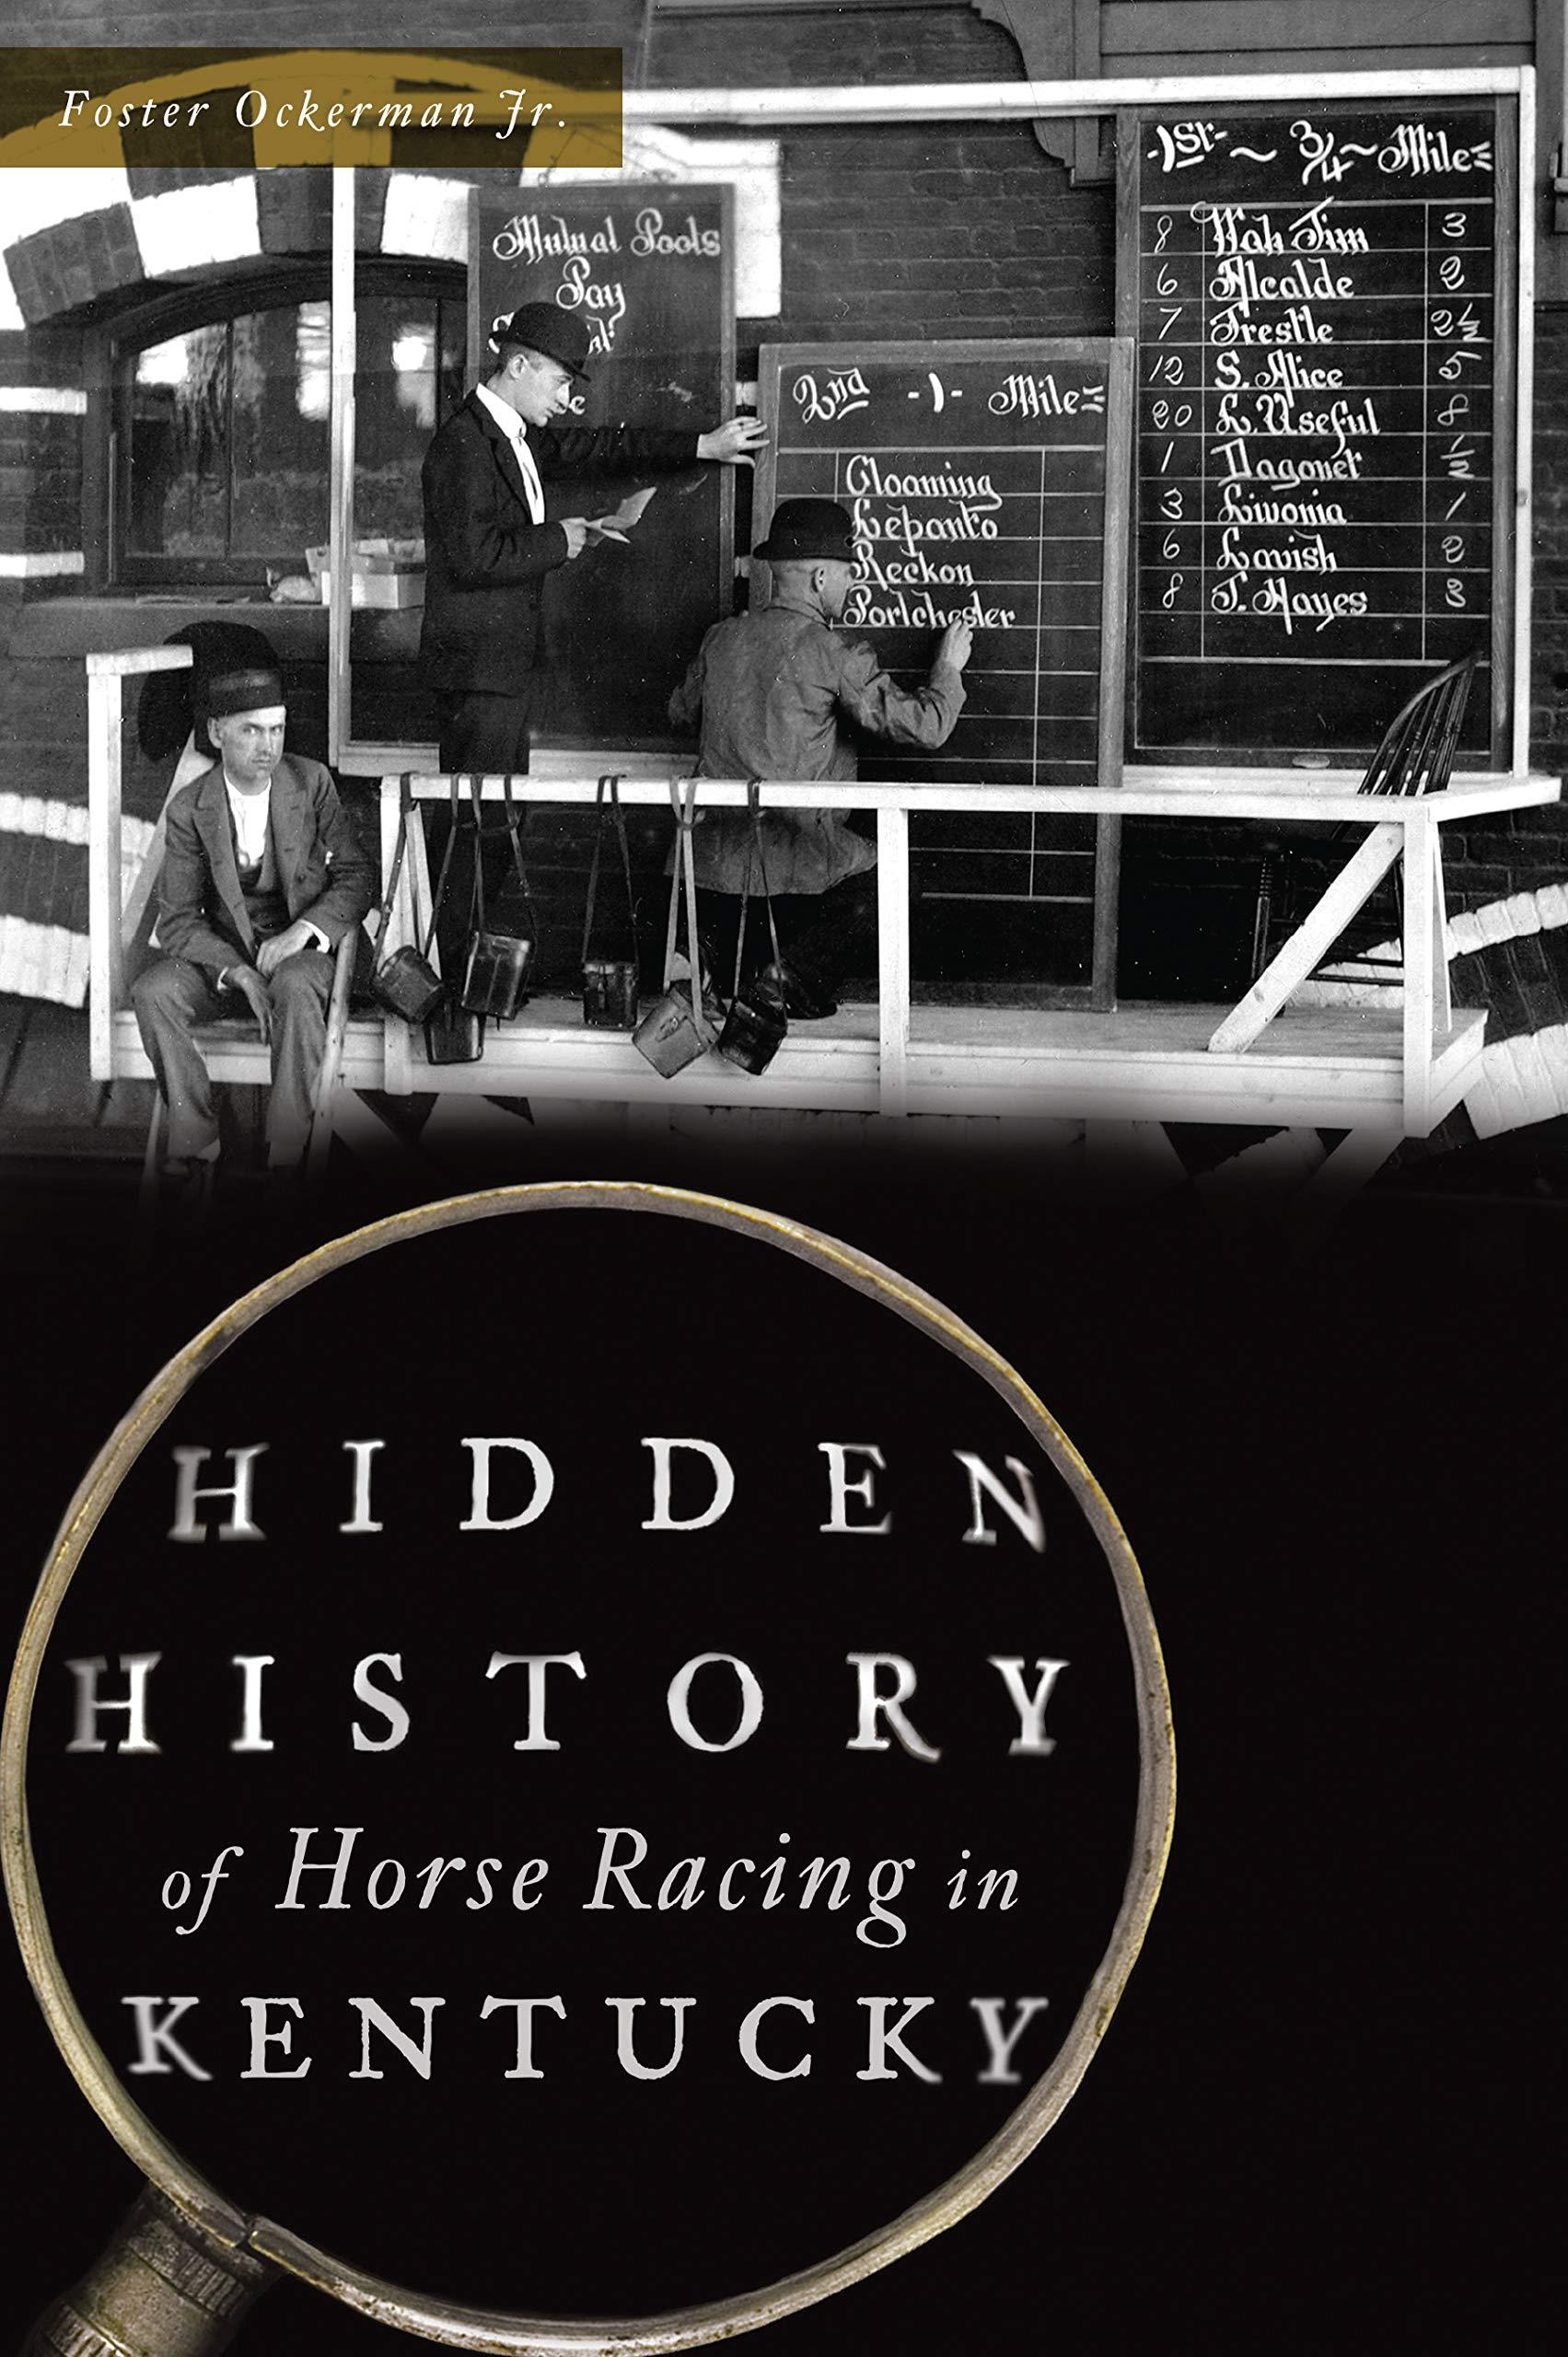 Image result for hidden history of horse racing foster ockerman jr